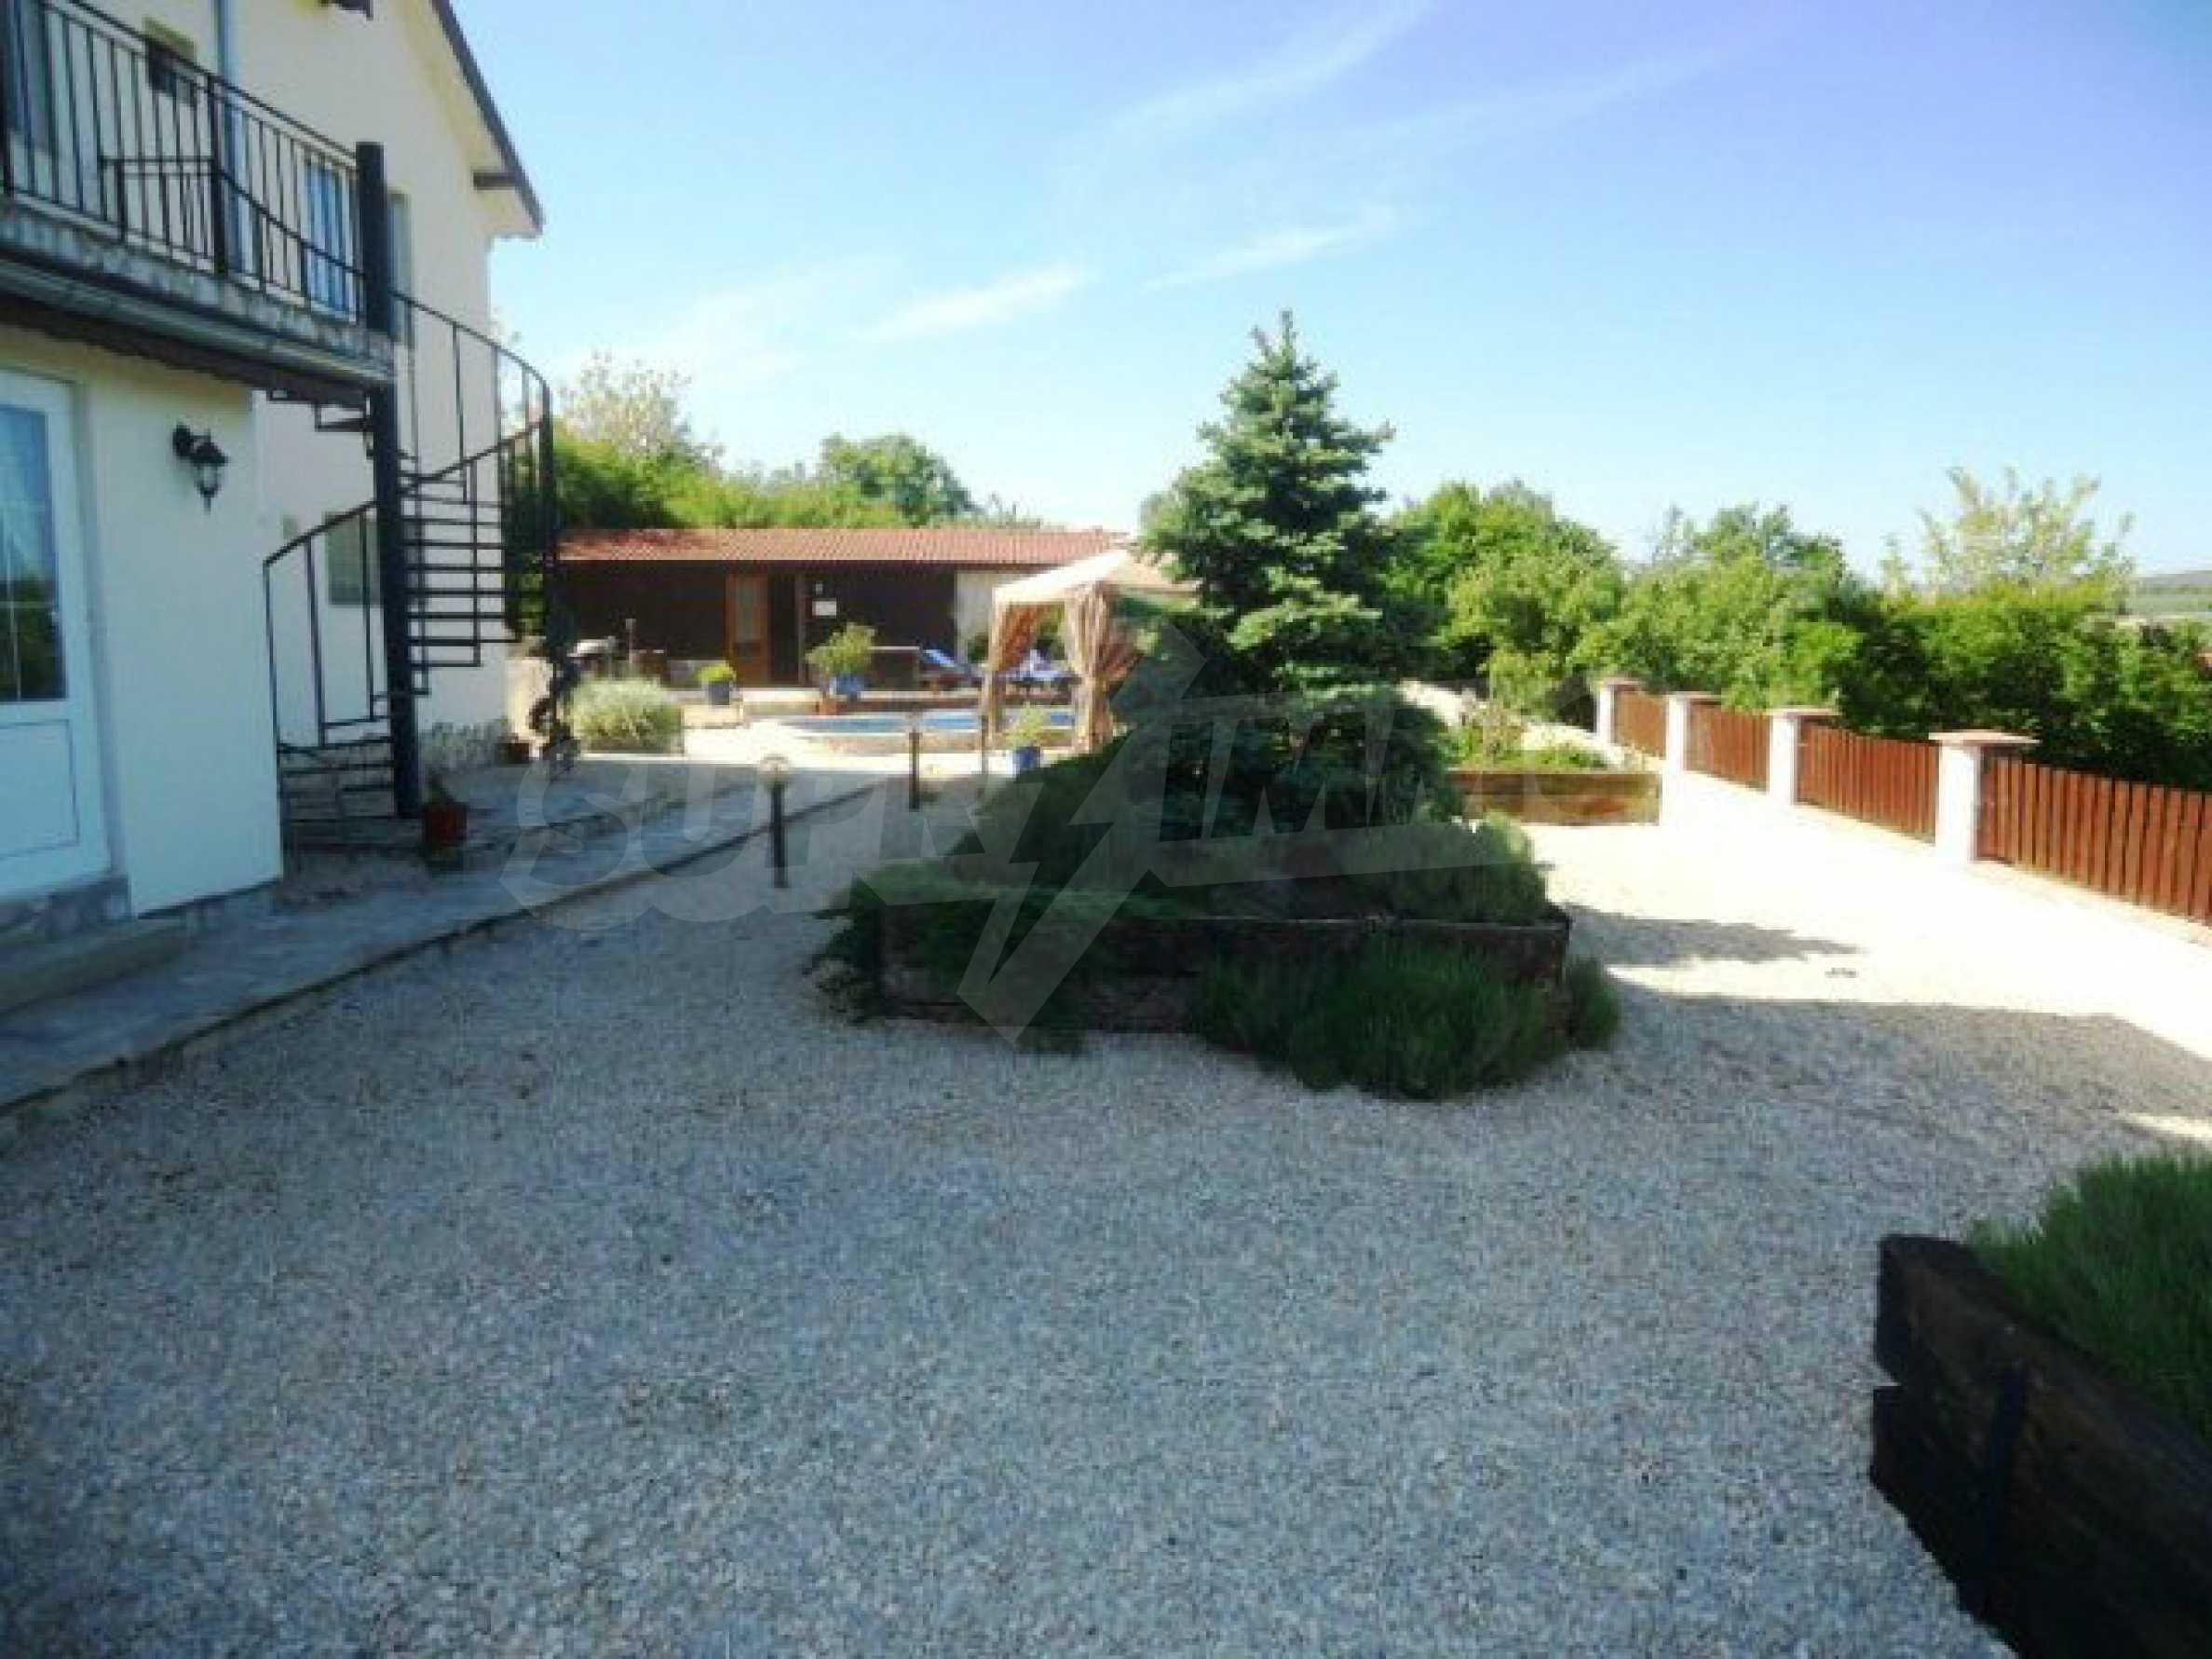 House near Avren 7